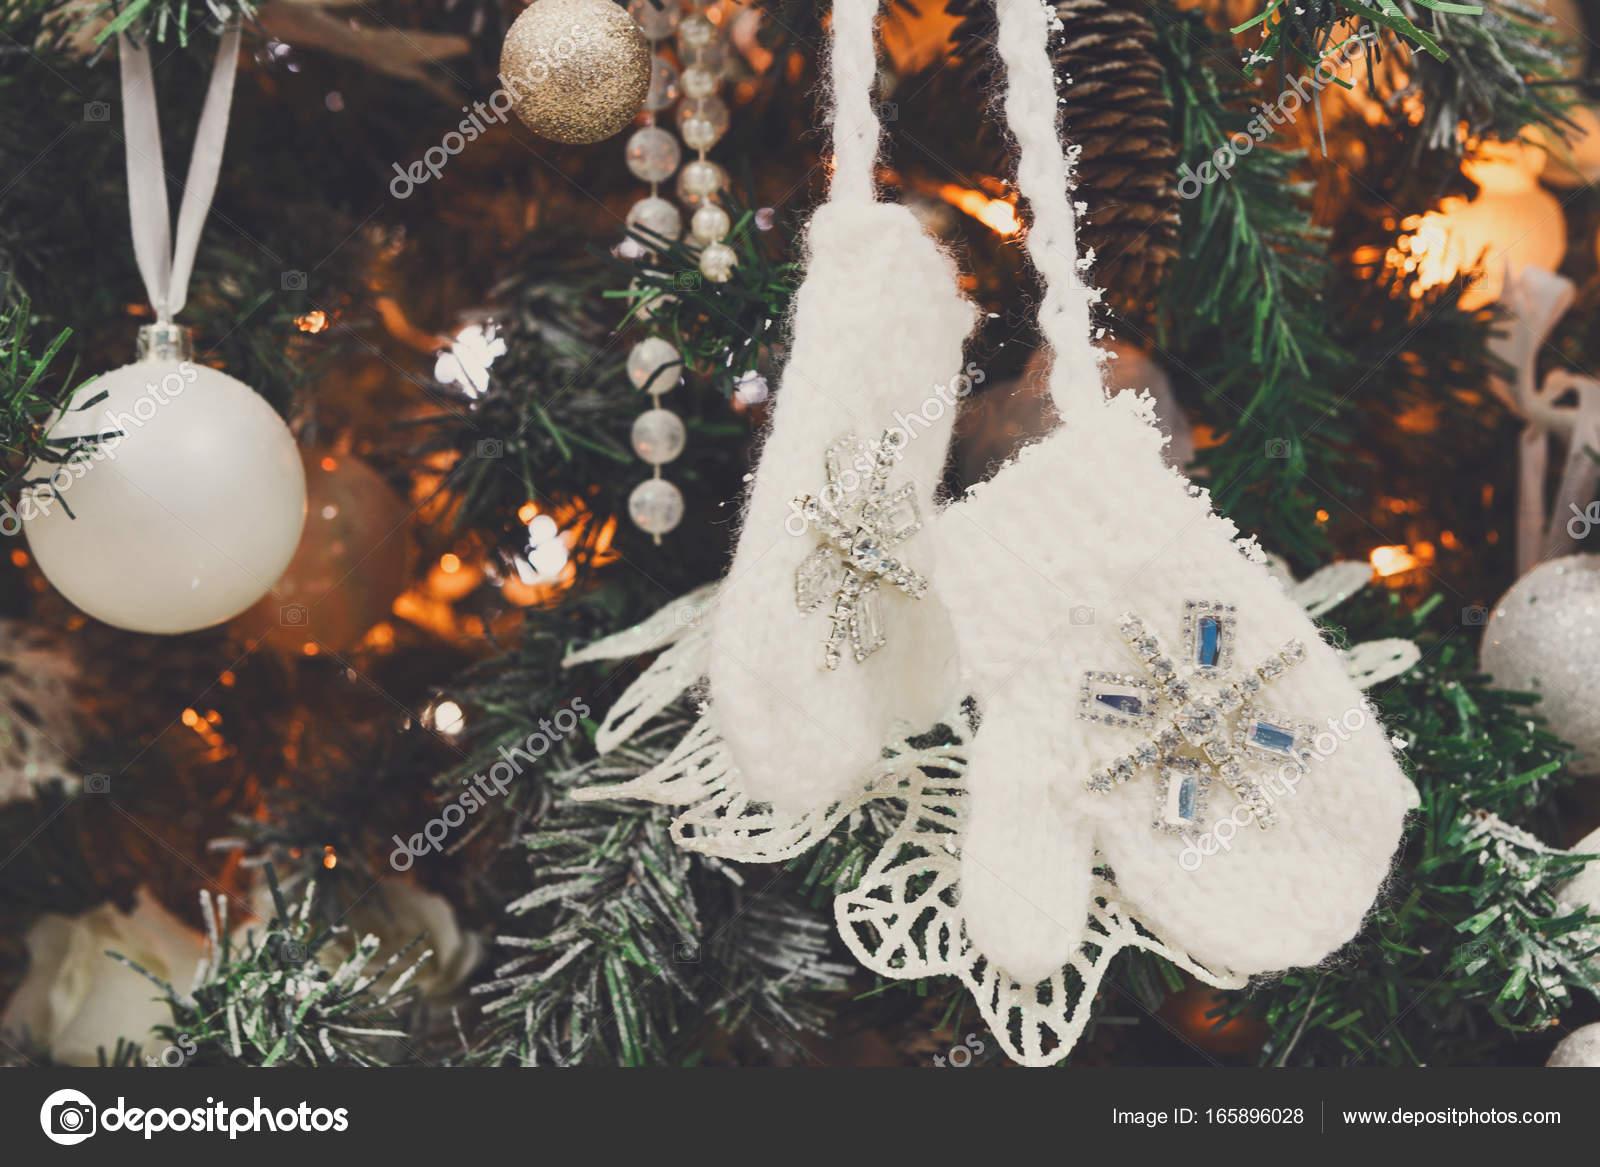 Moderne Christbaumkugeln.Moderne Weihnachtsbaum Dekoration Hintergrund Stockfoto Milkos